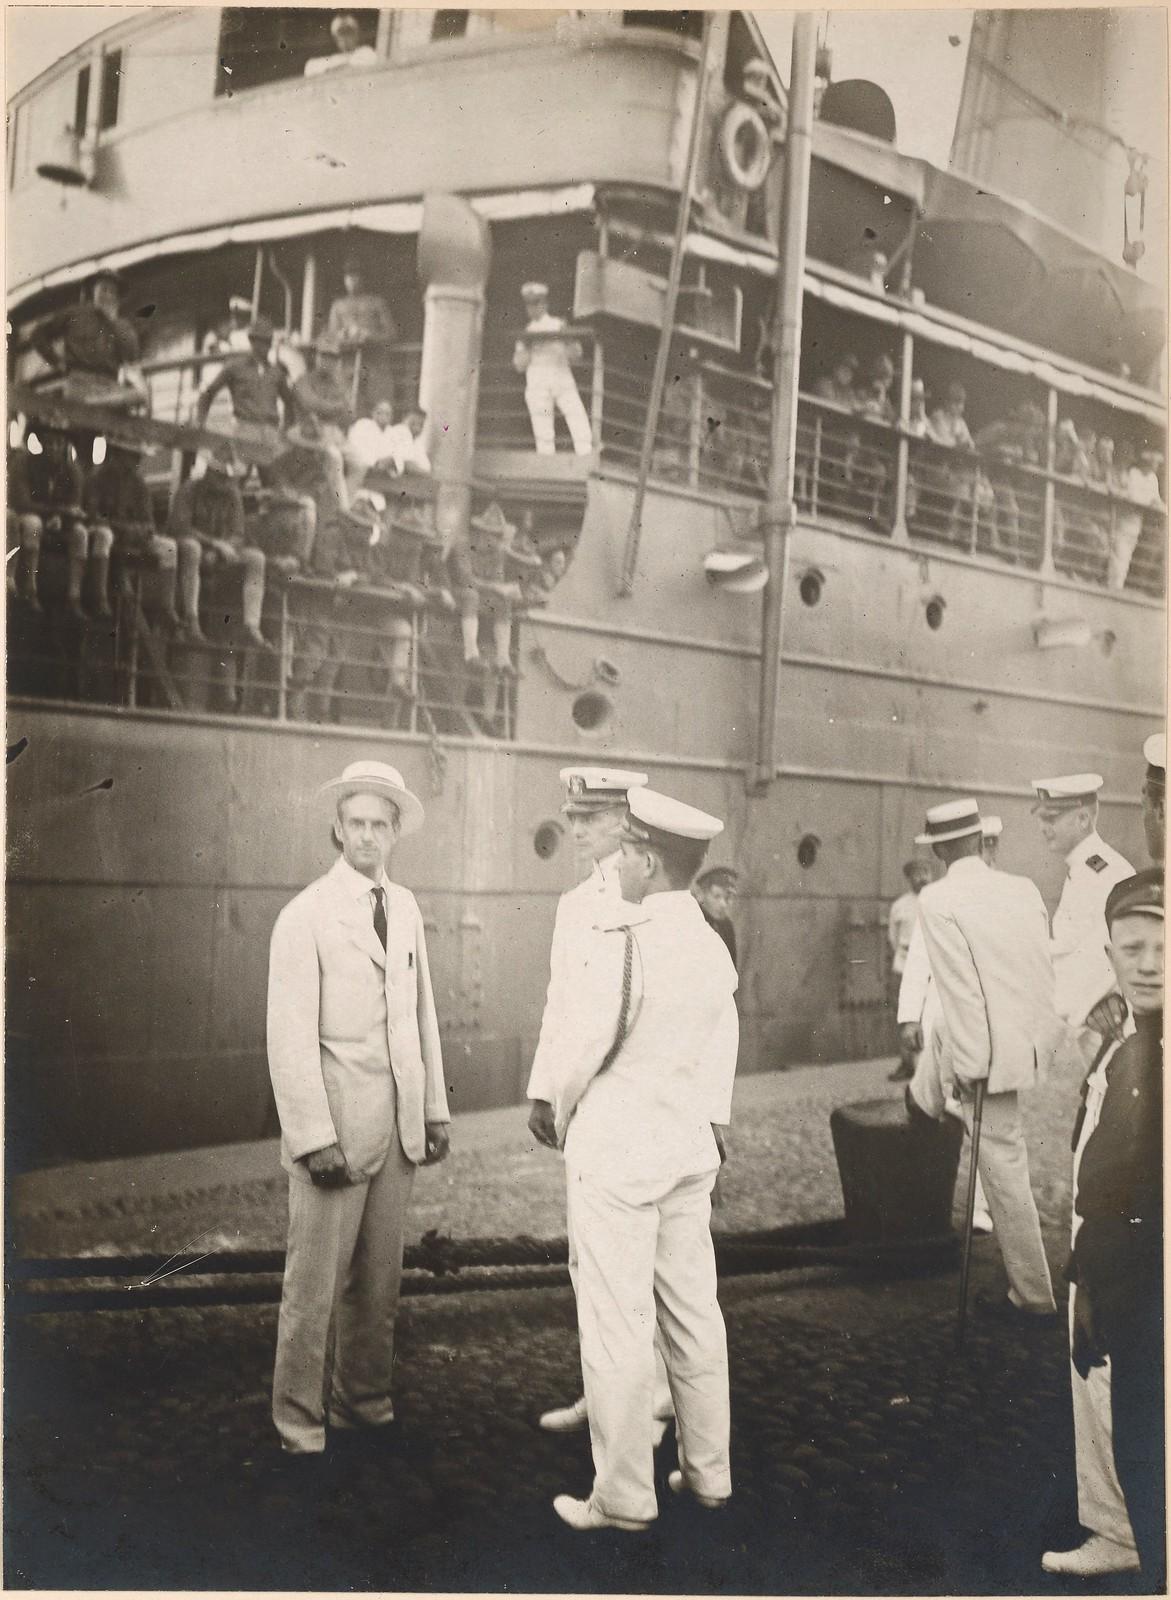 1918. Американский генеральный консул во Владивостоке встречает первый транспорт с американскими войсками